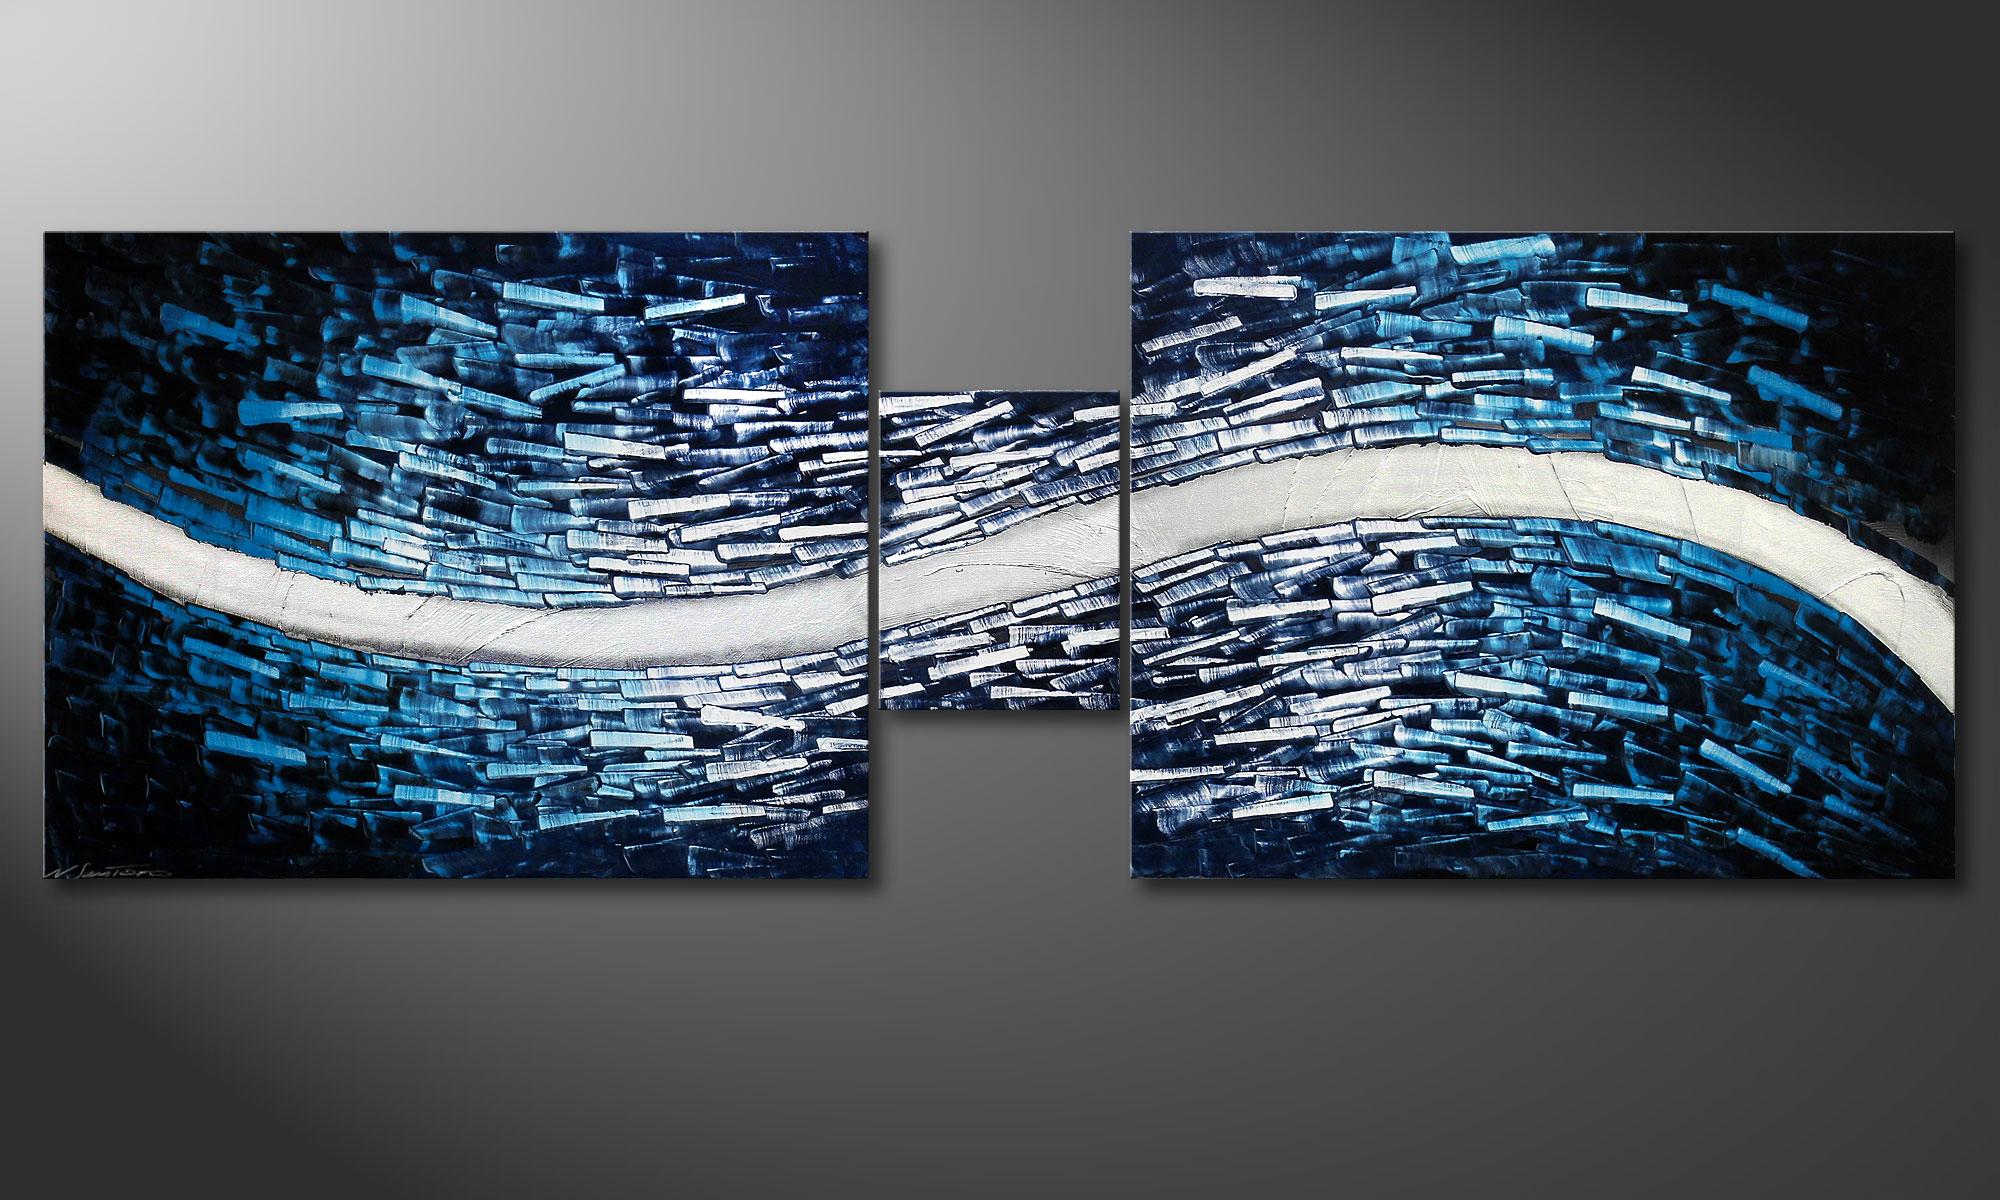 Woonkamer schilderij arctic stream 230x80cm   schilderij xxl